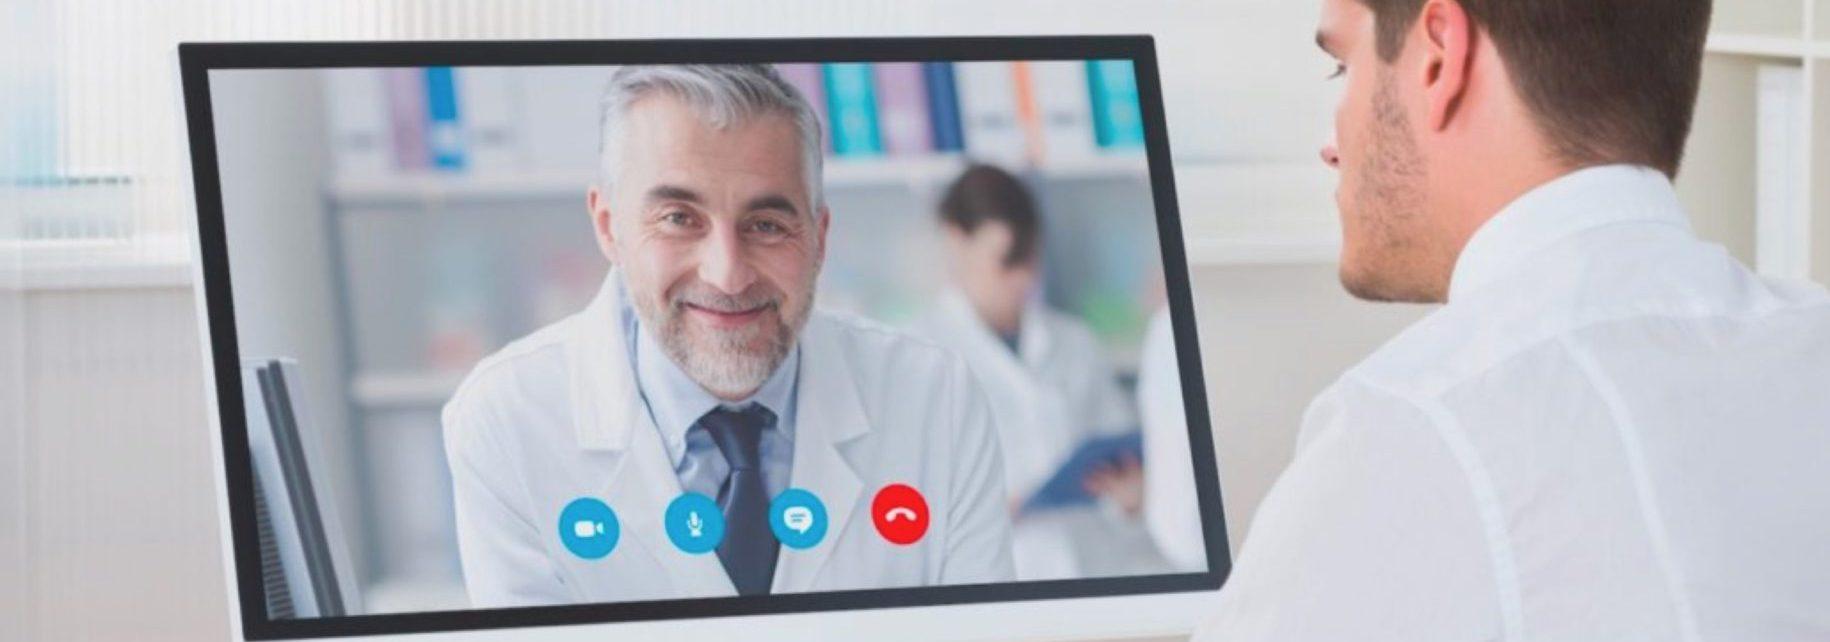 Orientação em Oftalmologia por telefone, telemedicina e email.    Atendimento presencial em plantão para urgências e casos graves.